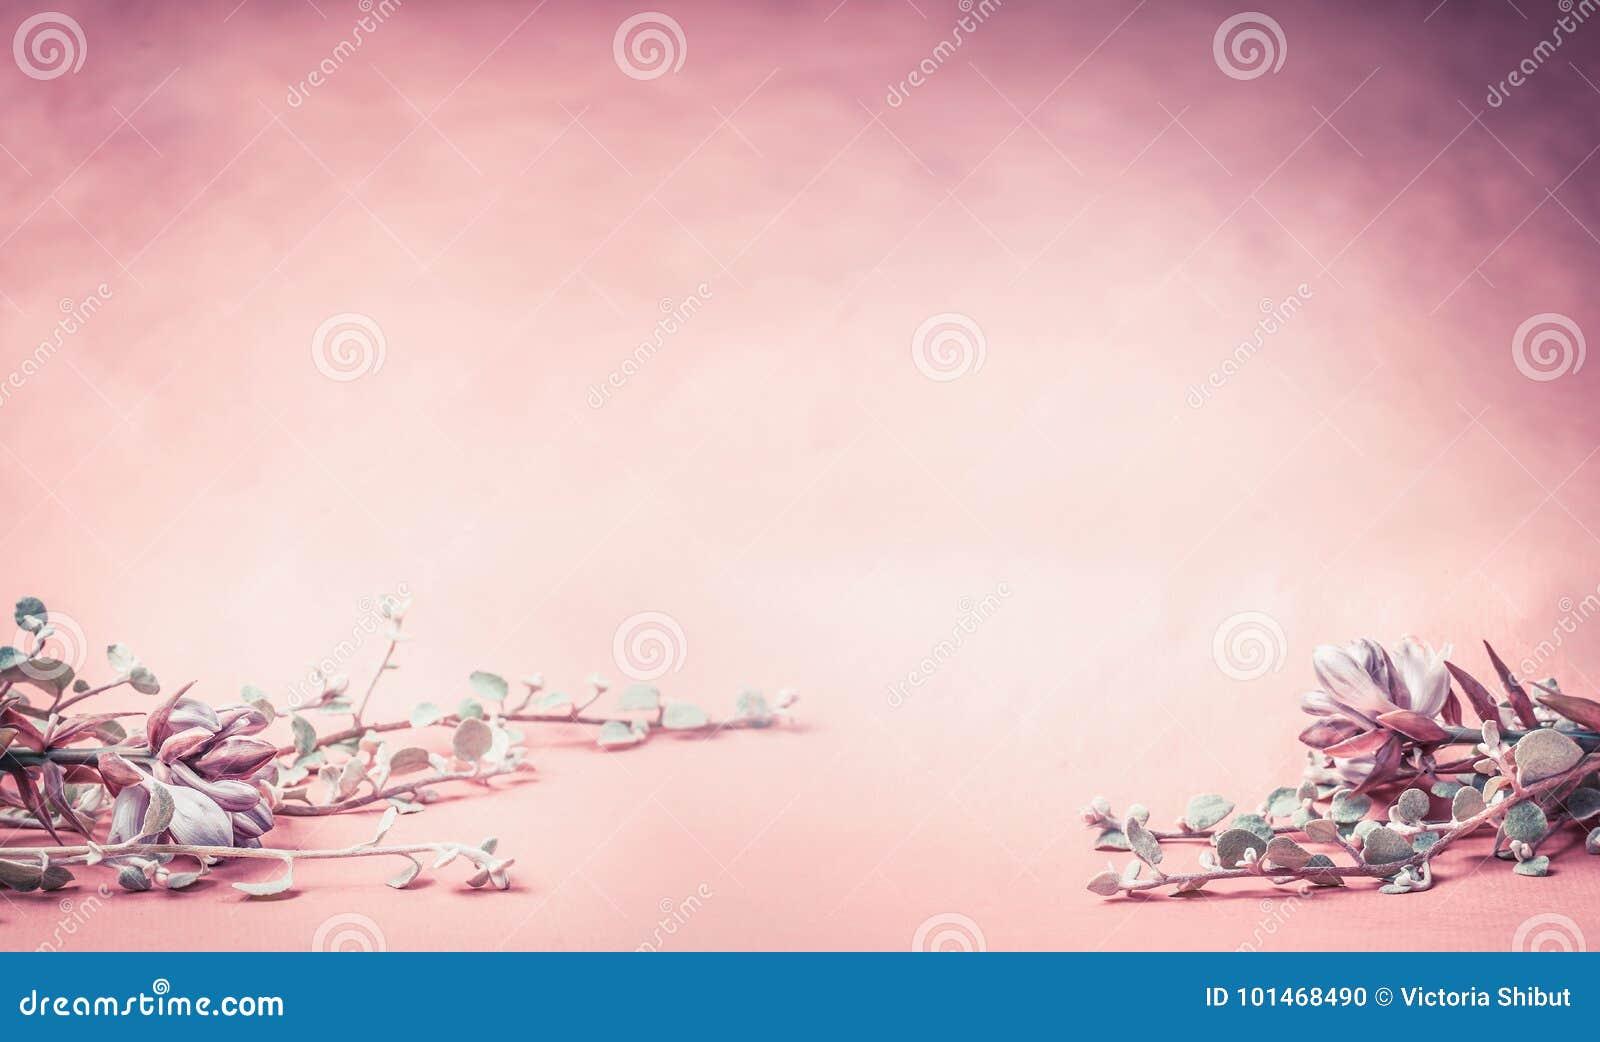 Roze bloemenachtergrond met bloemen en bladeren, banner of grens voor huwelijk, kuuroord of schoonheidsconcept